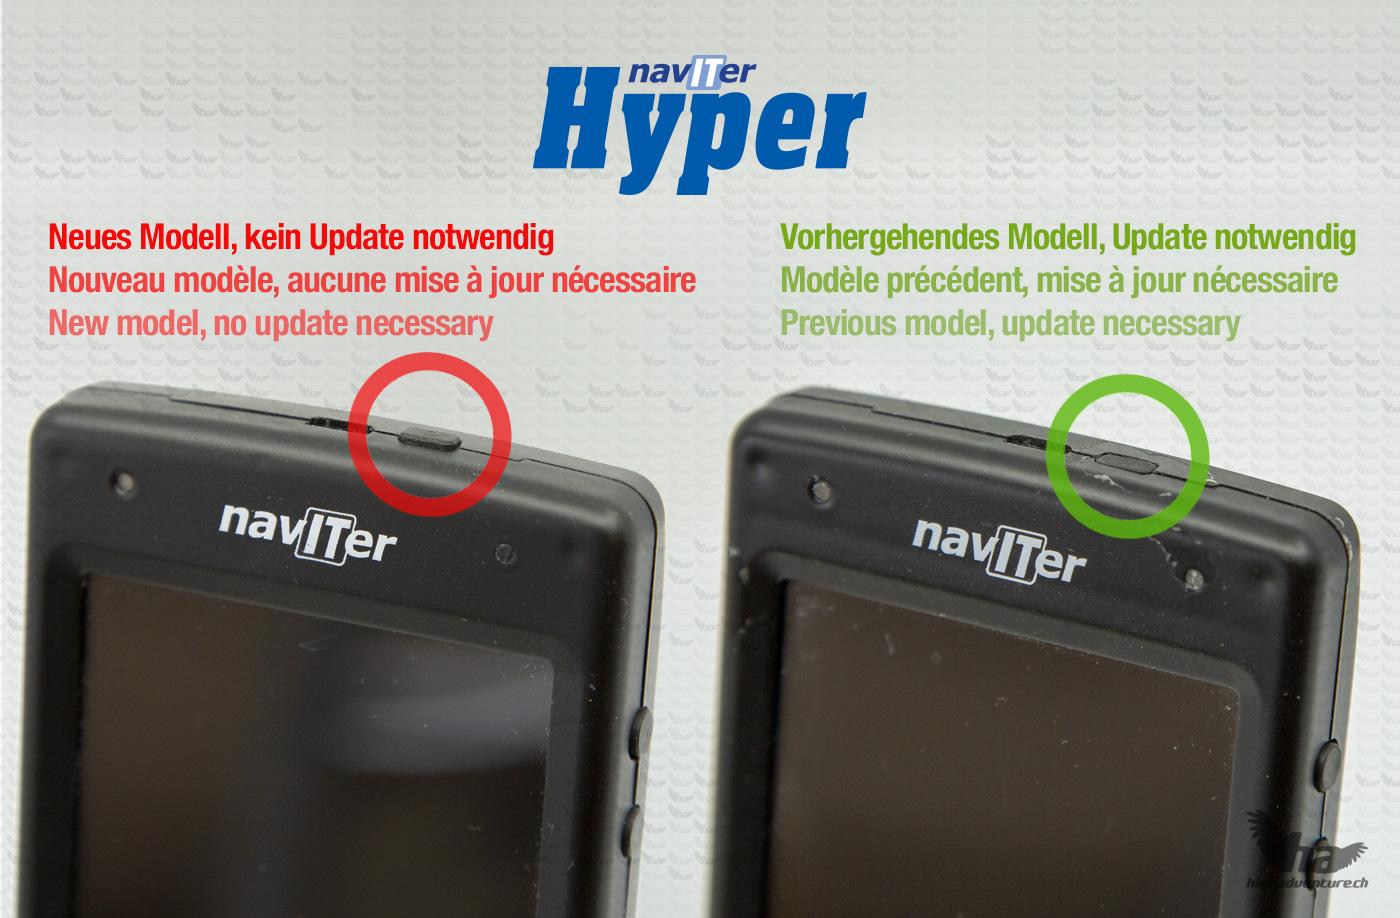 Naviter Hyper Hardware Update